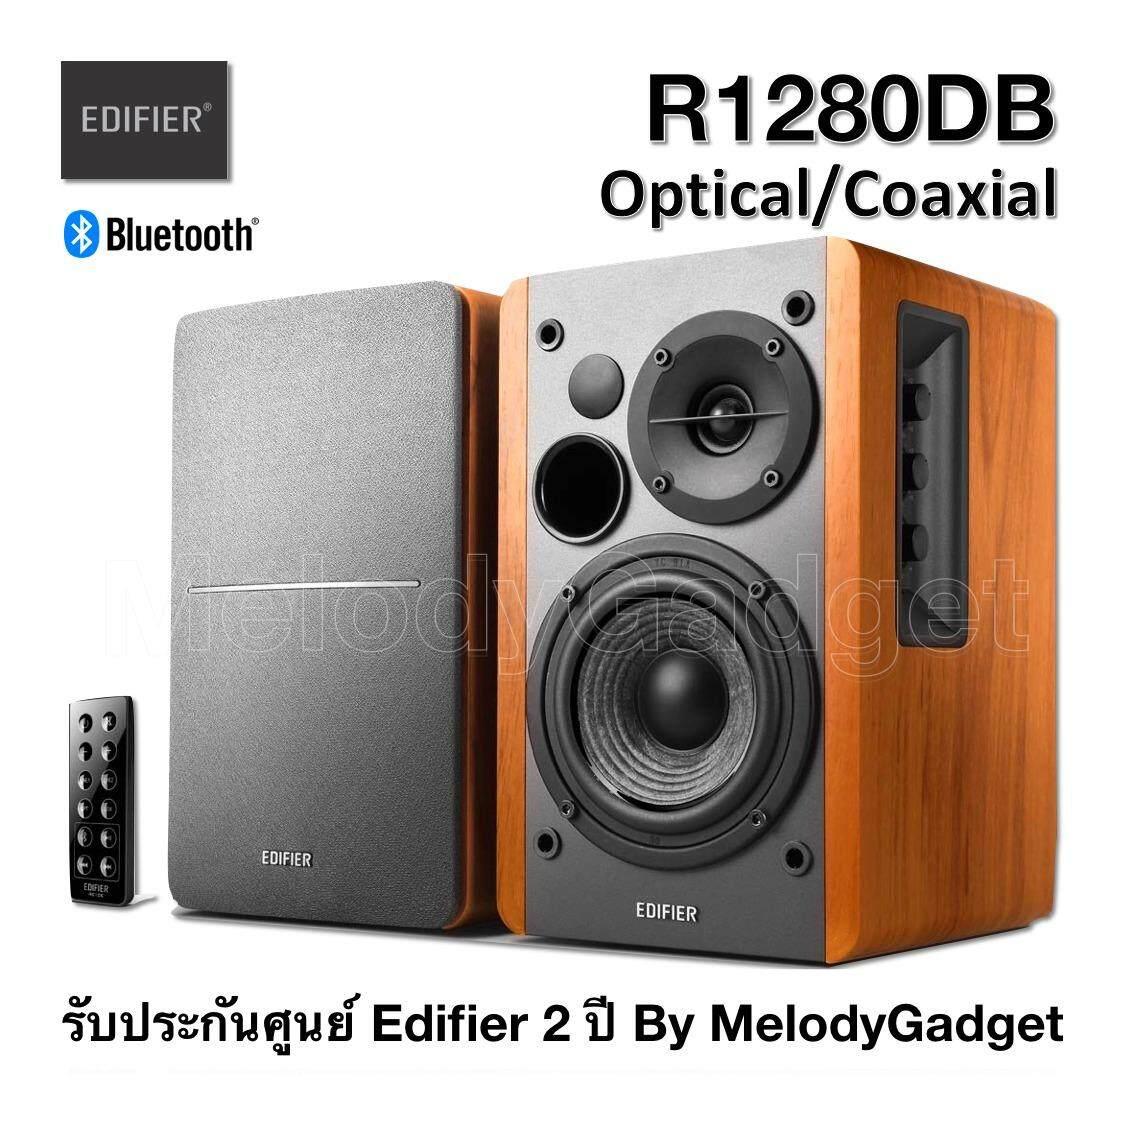 ราคา Edifier รุ่น R1280Db สีไม้ ลำโพง 2 Bluetooth Optical Coaxial 42W Rms Edifier ไทย